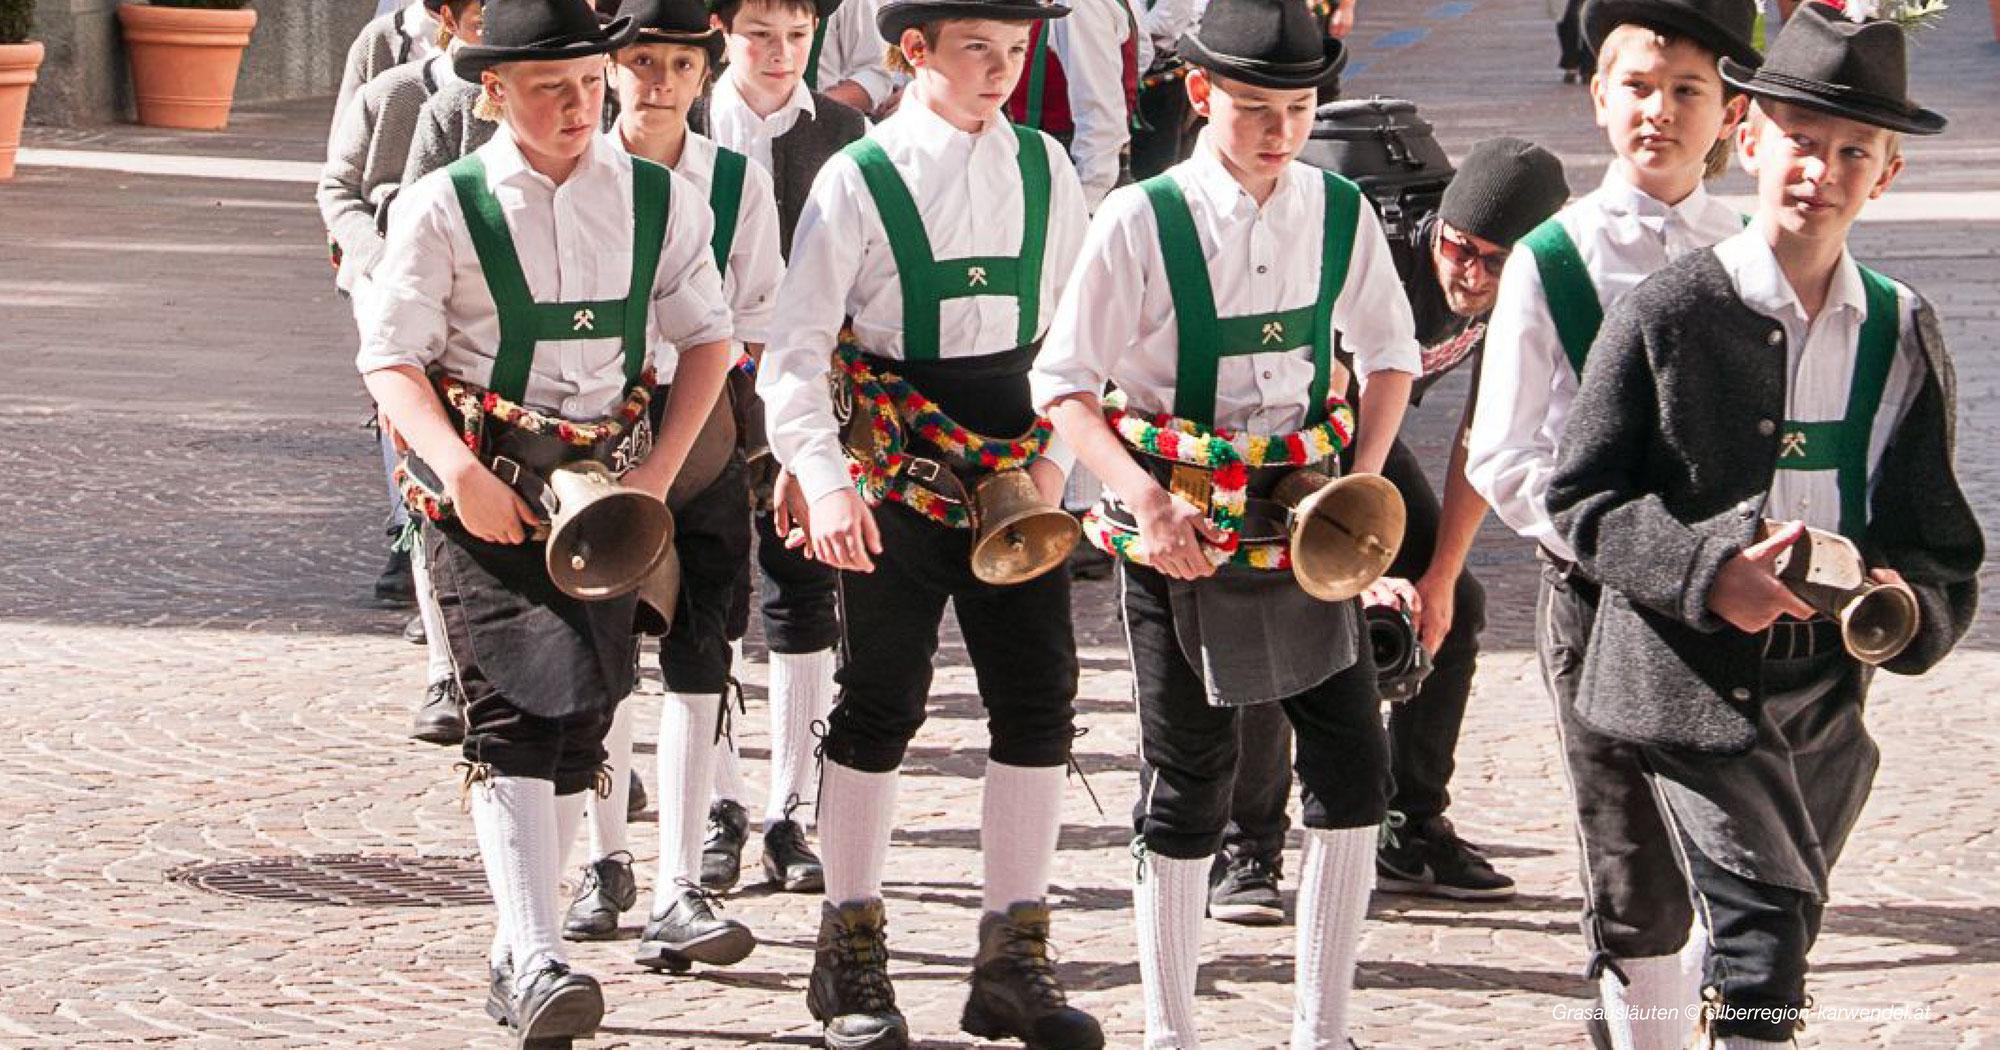 Brauchtum in Tirol - Grasausläuten Karwendel 2022